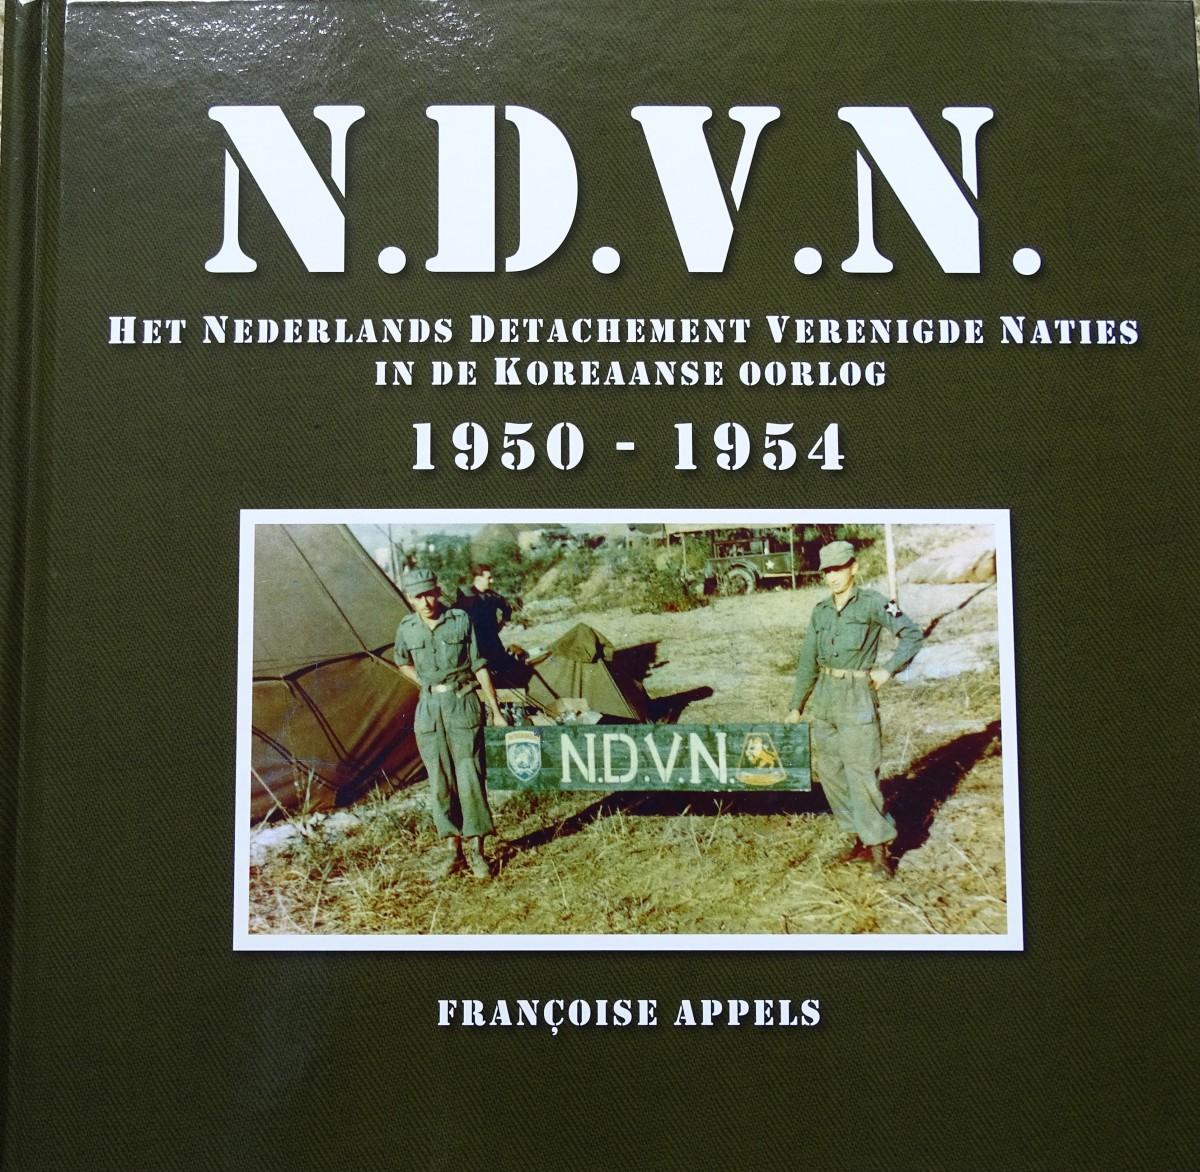 Françoise Appels, auteur van NDVN (Het Nederlands Detachement Verenigde Naties in de Koreaanse Oorlog (Surinamers onder Nederlandse vlag)